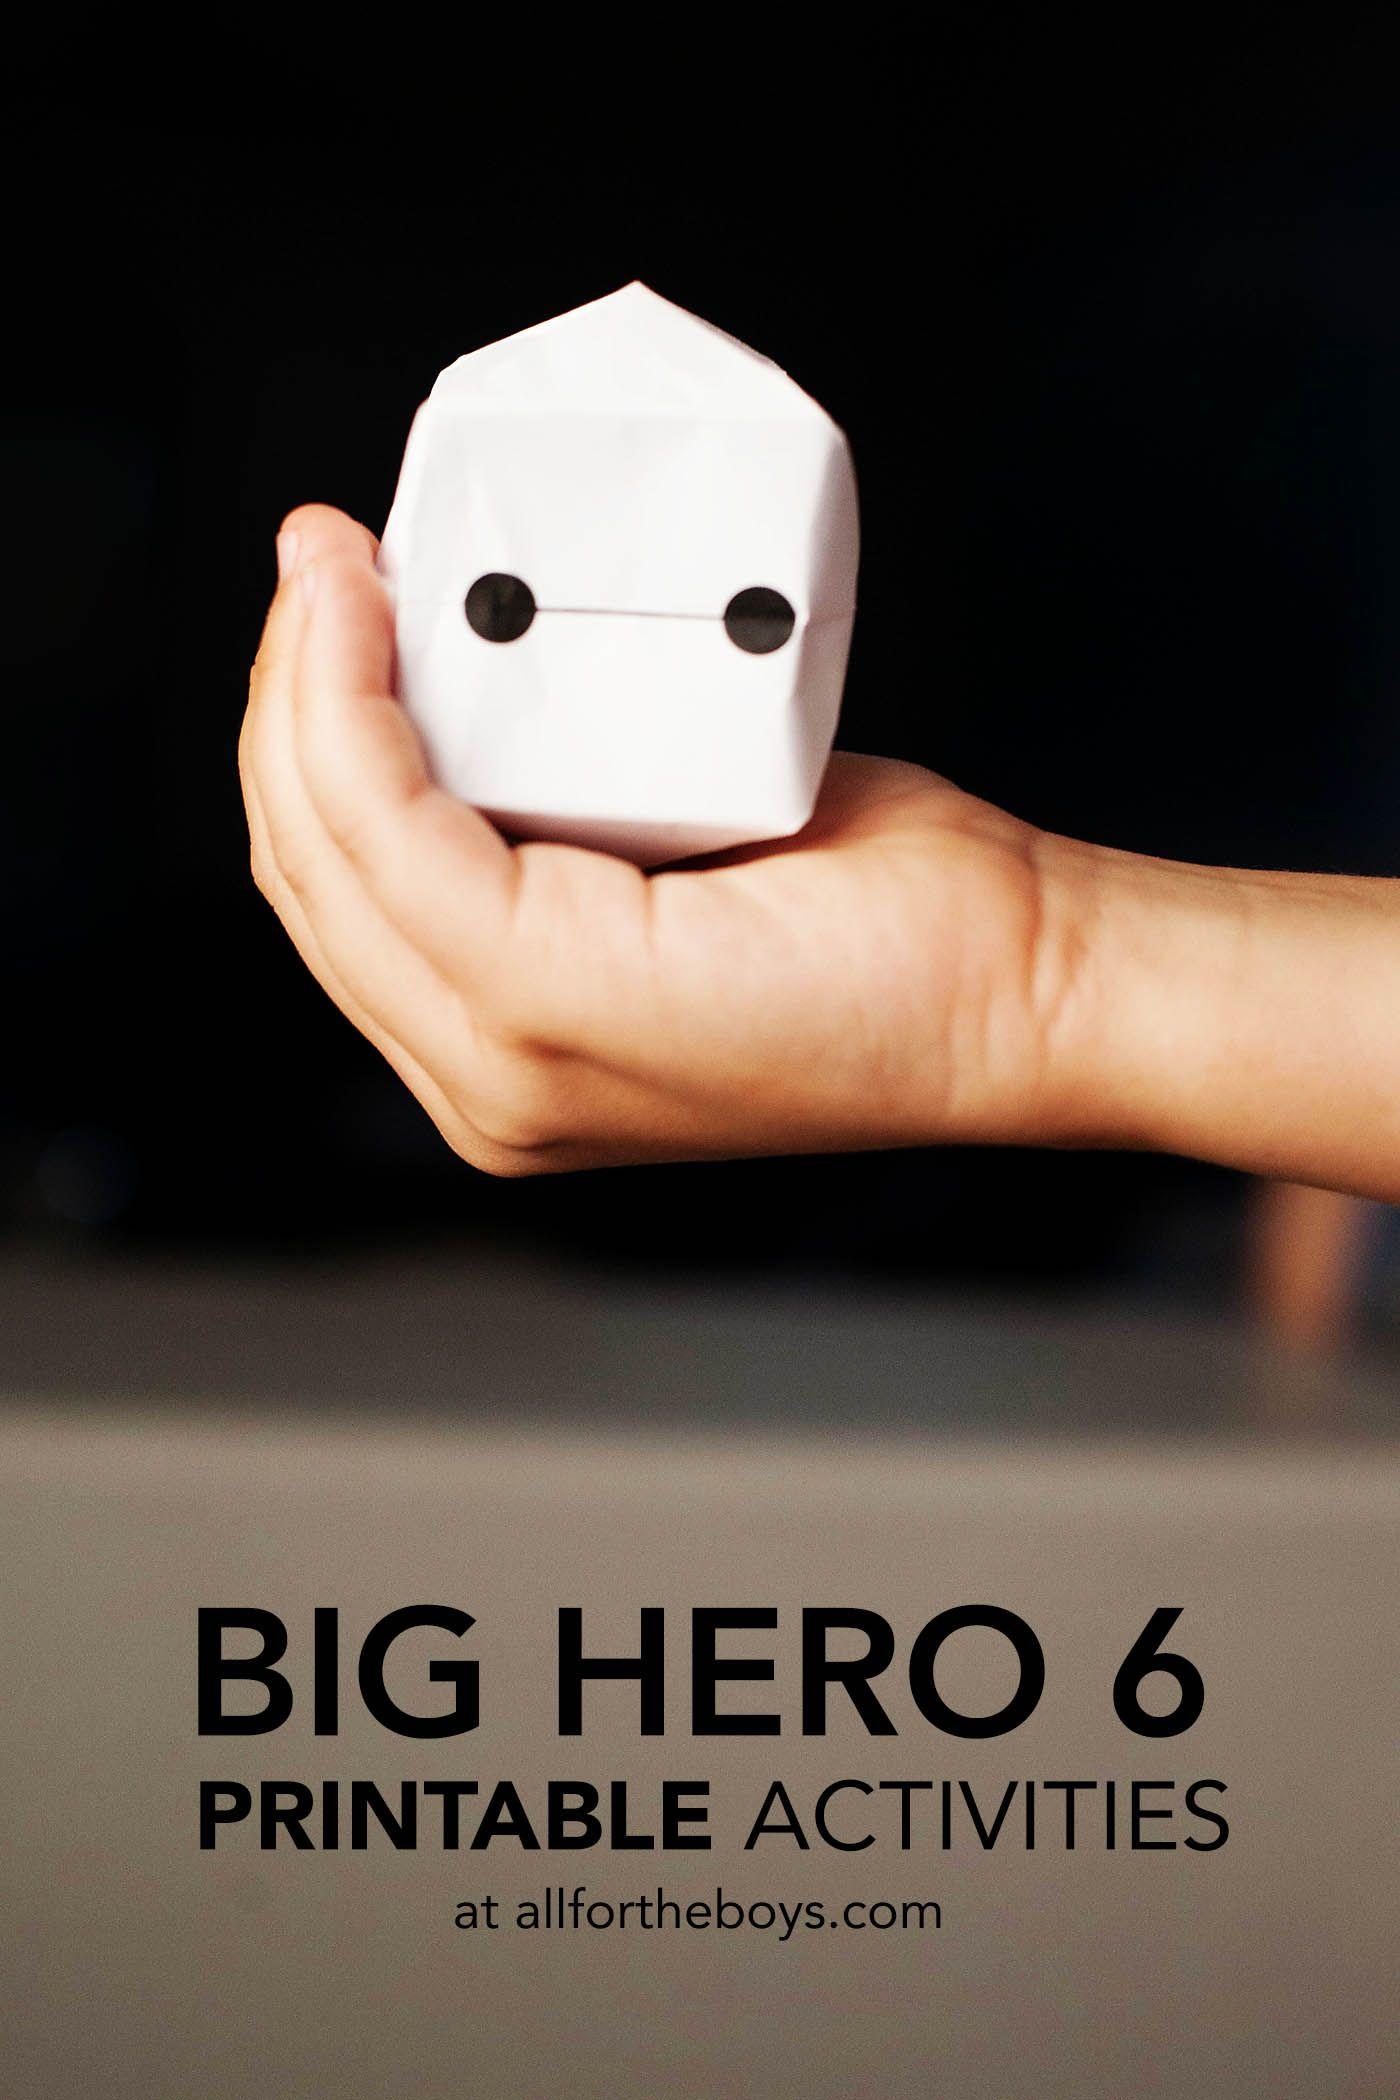 Big Hero 6 Printable Activities